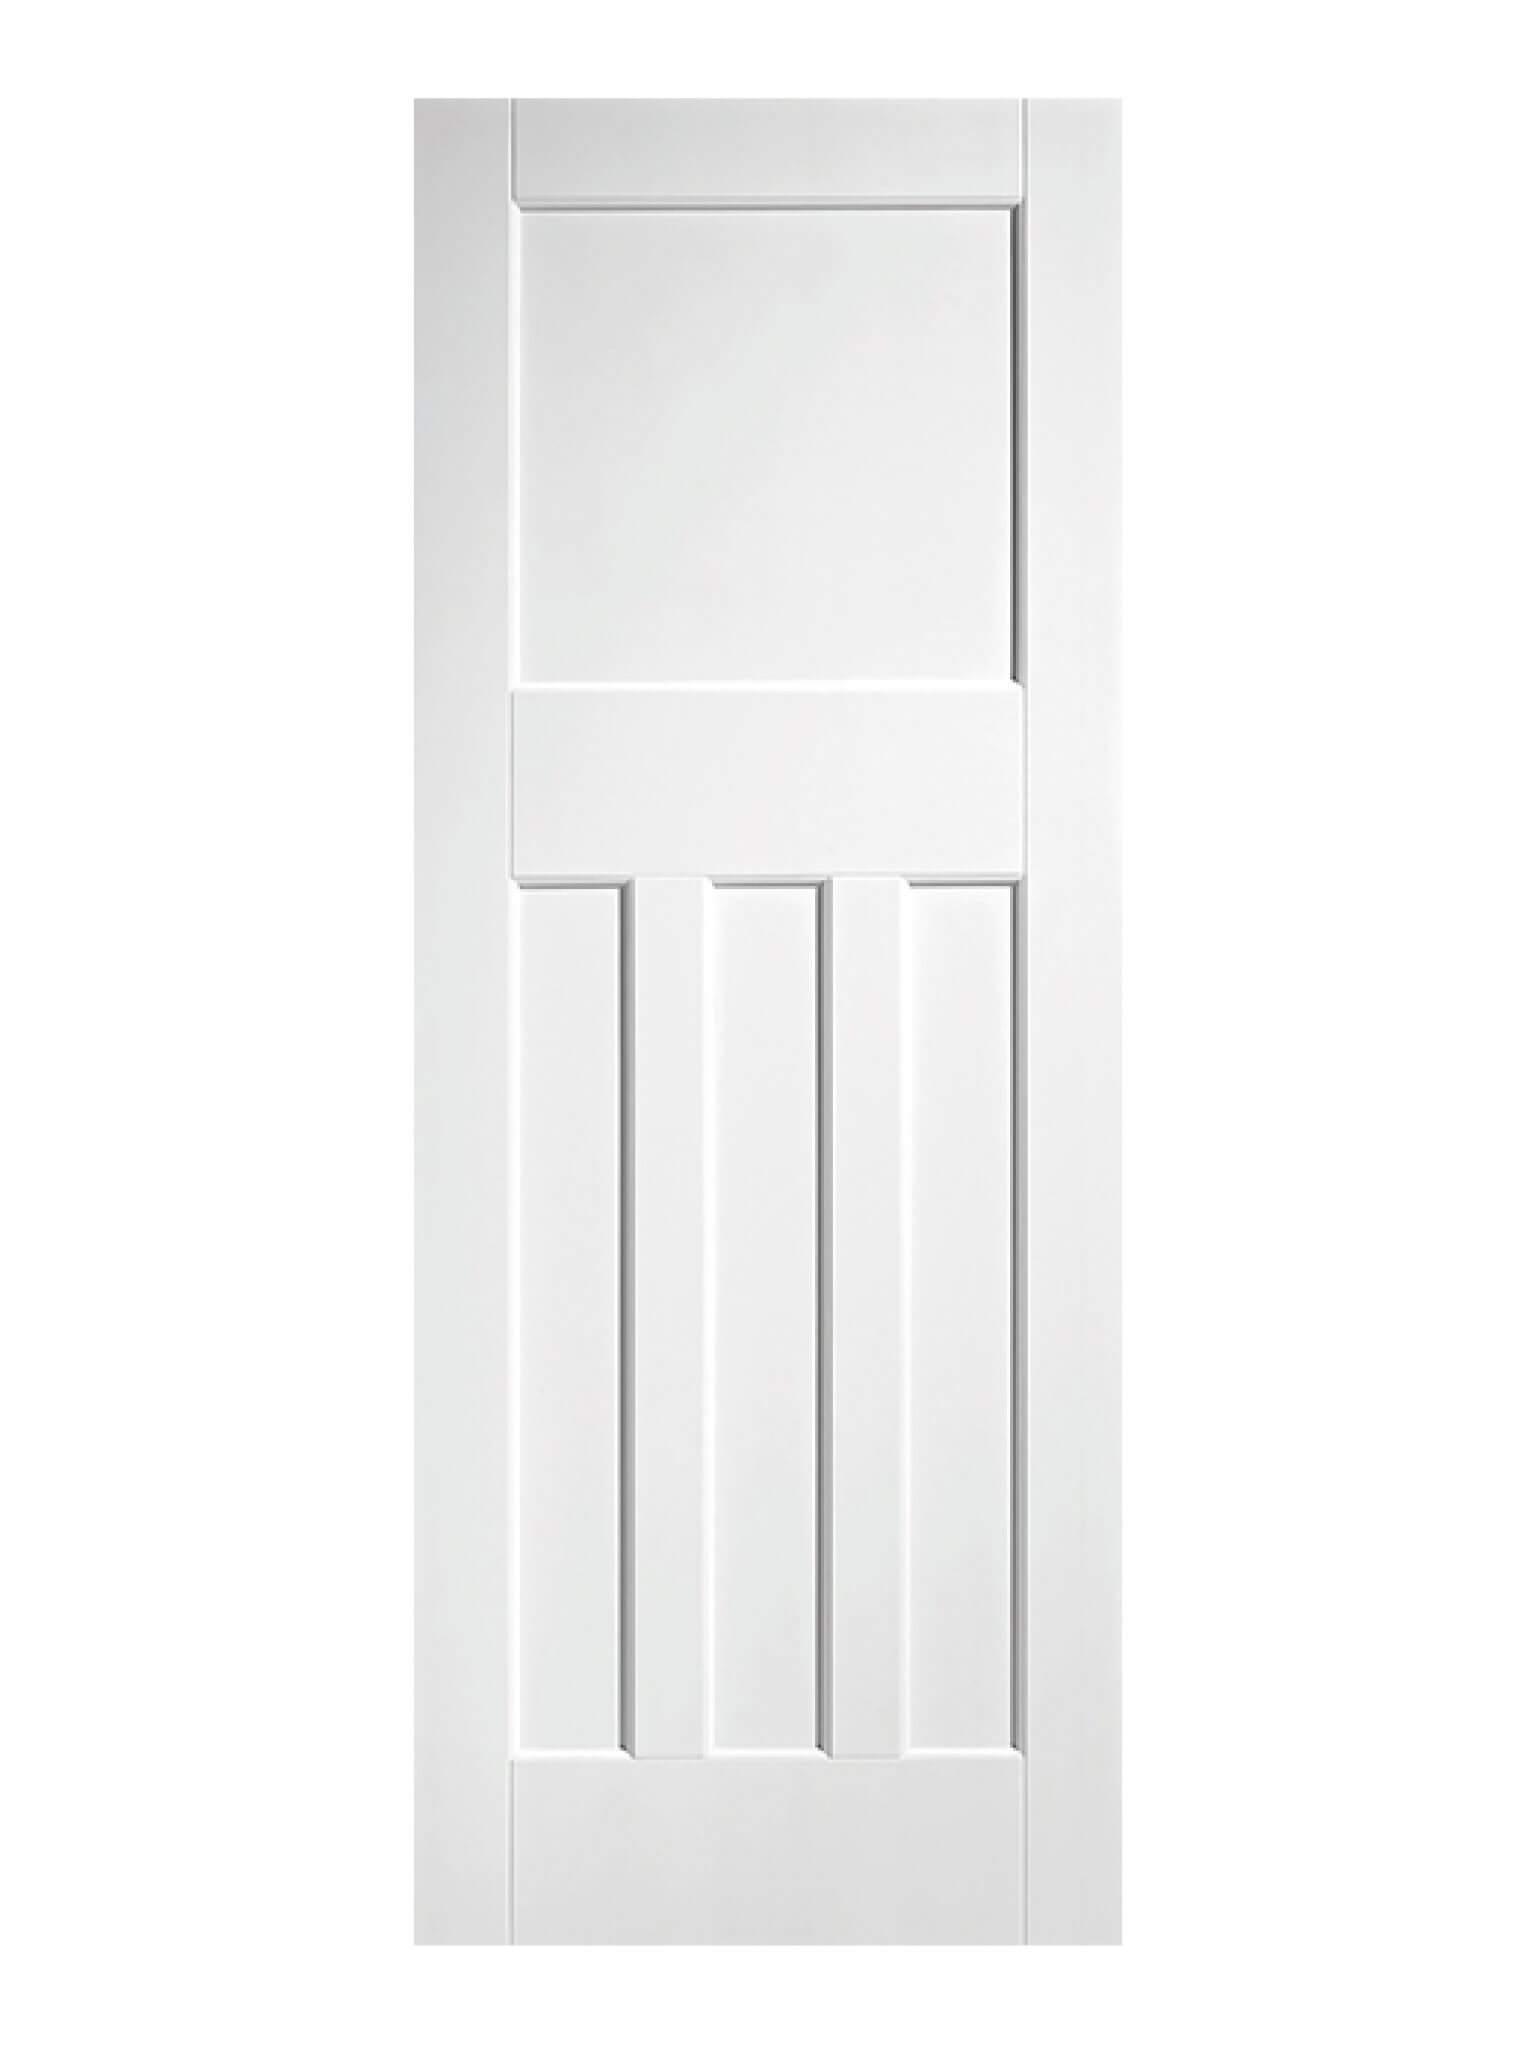 1930s Doors 1930 s Style Doors For Sale line